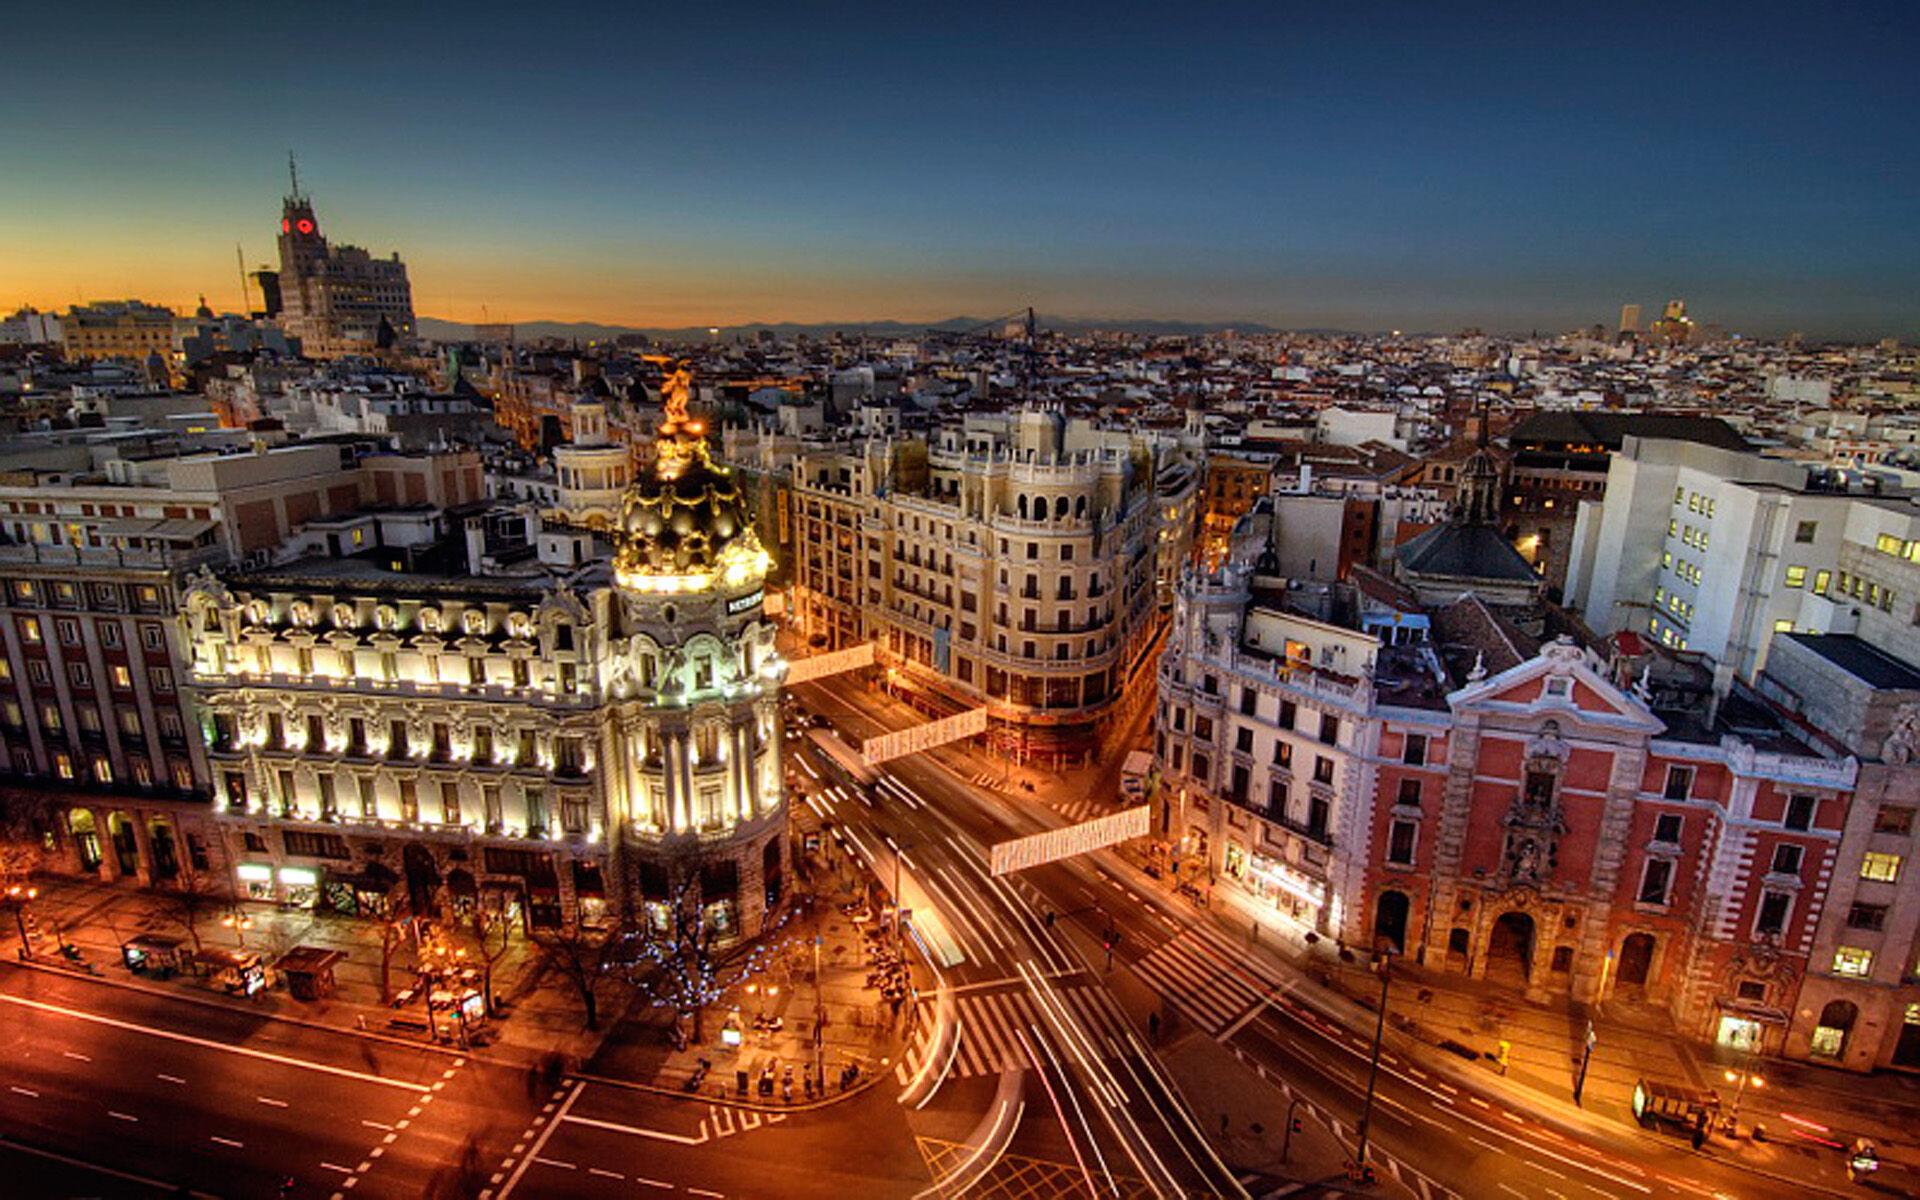 En ünlü İspanyol şehirleri: liste. Tarih, manzaralar, fotoğraflar